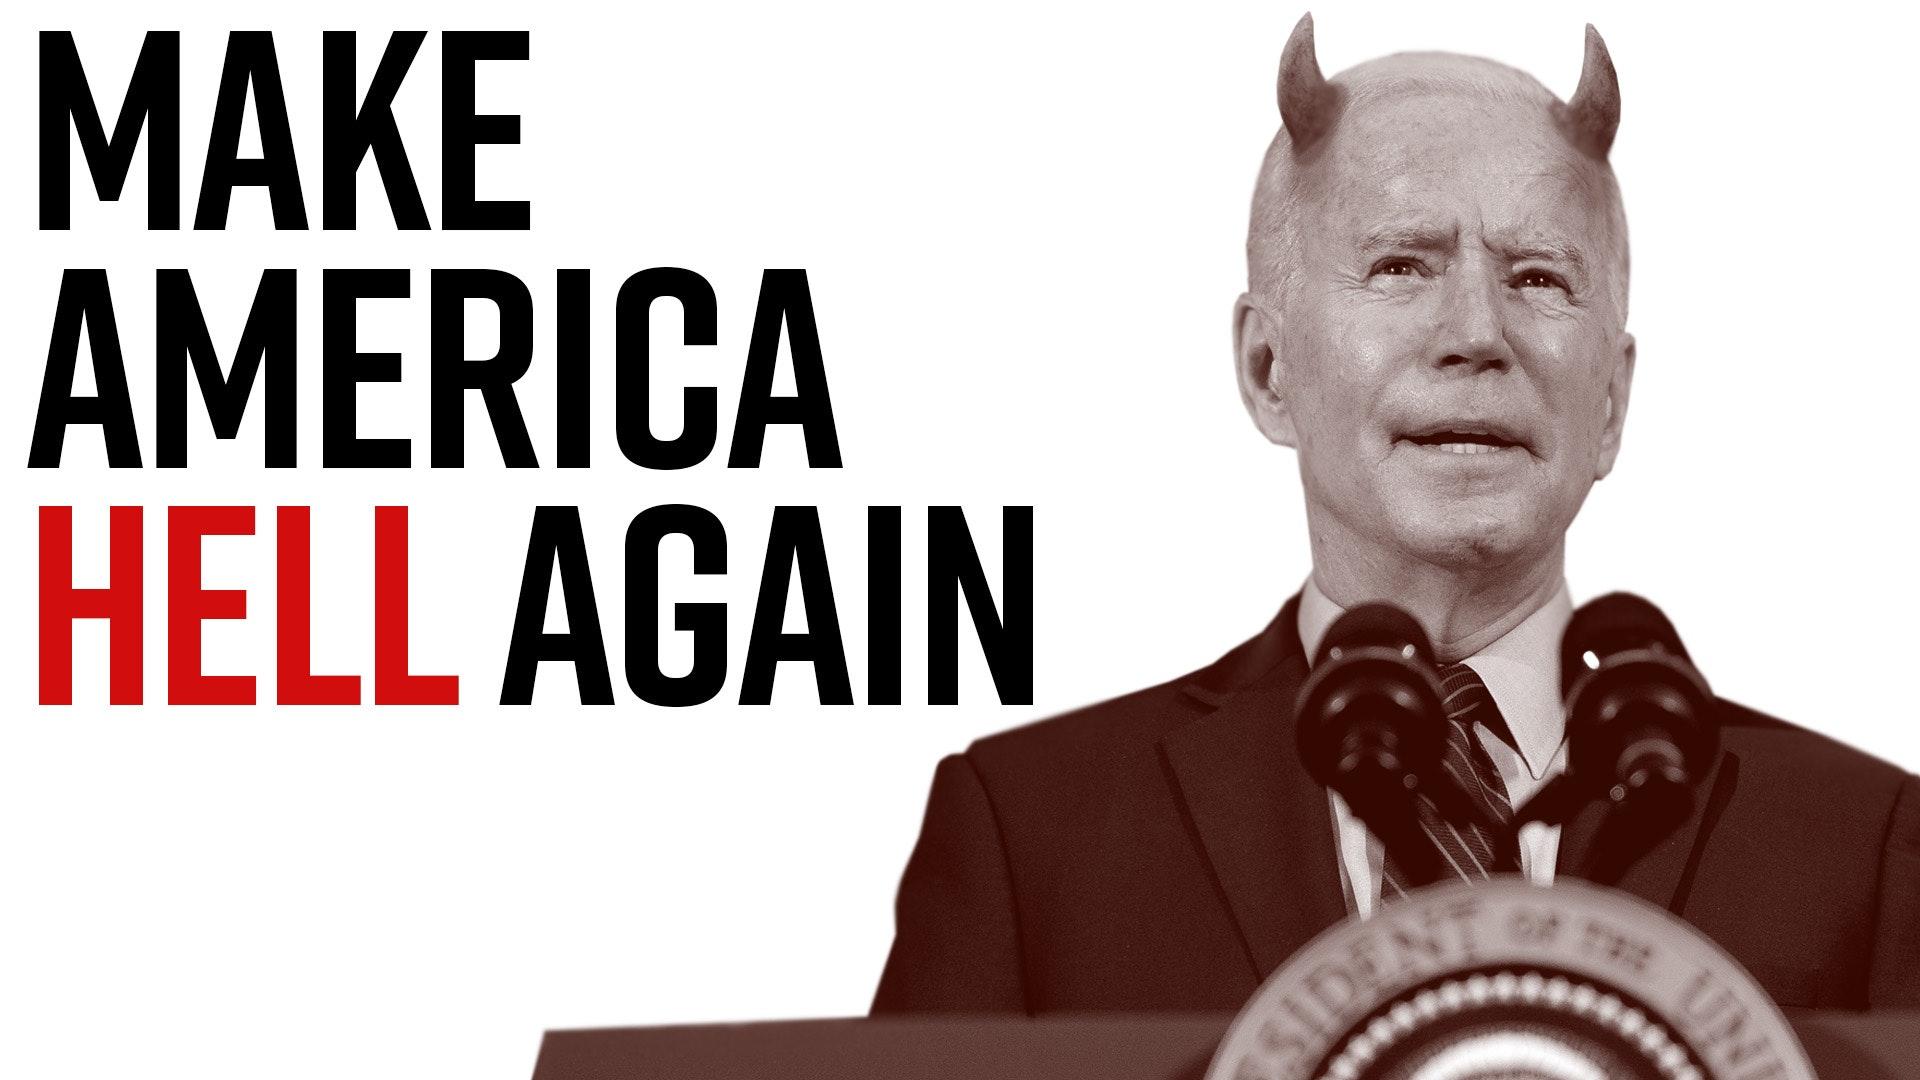 Ep. 1017 - Make America Hell Again